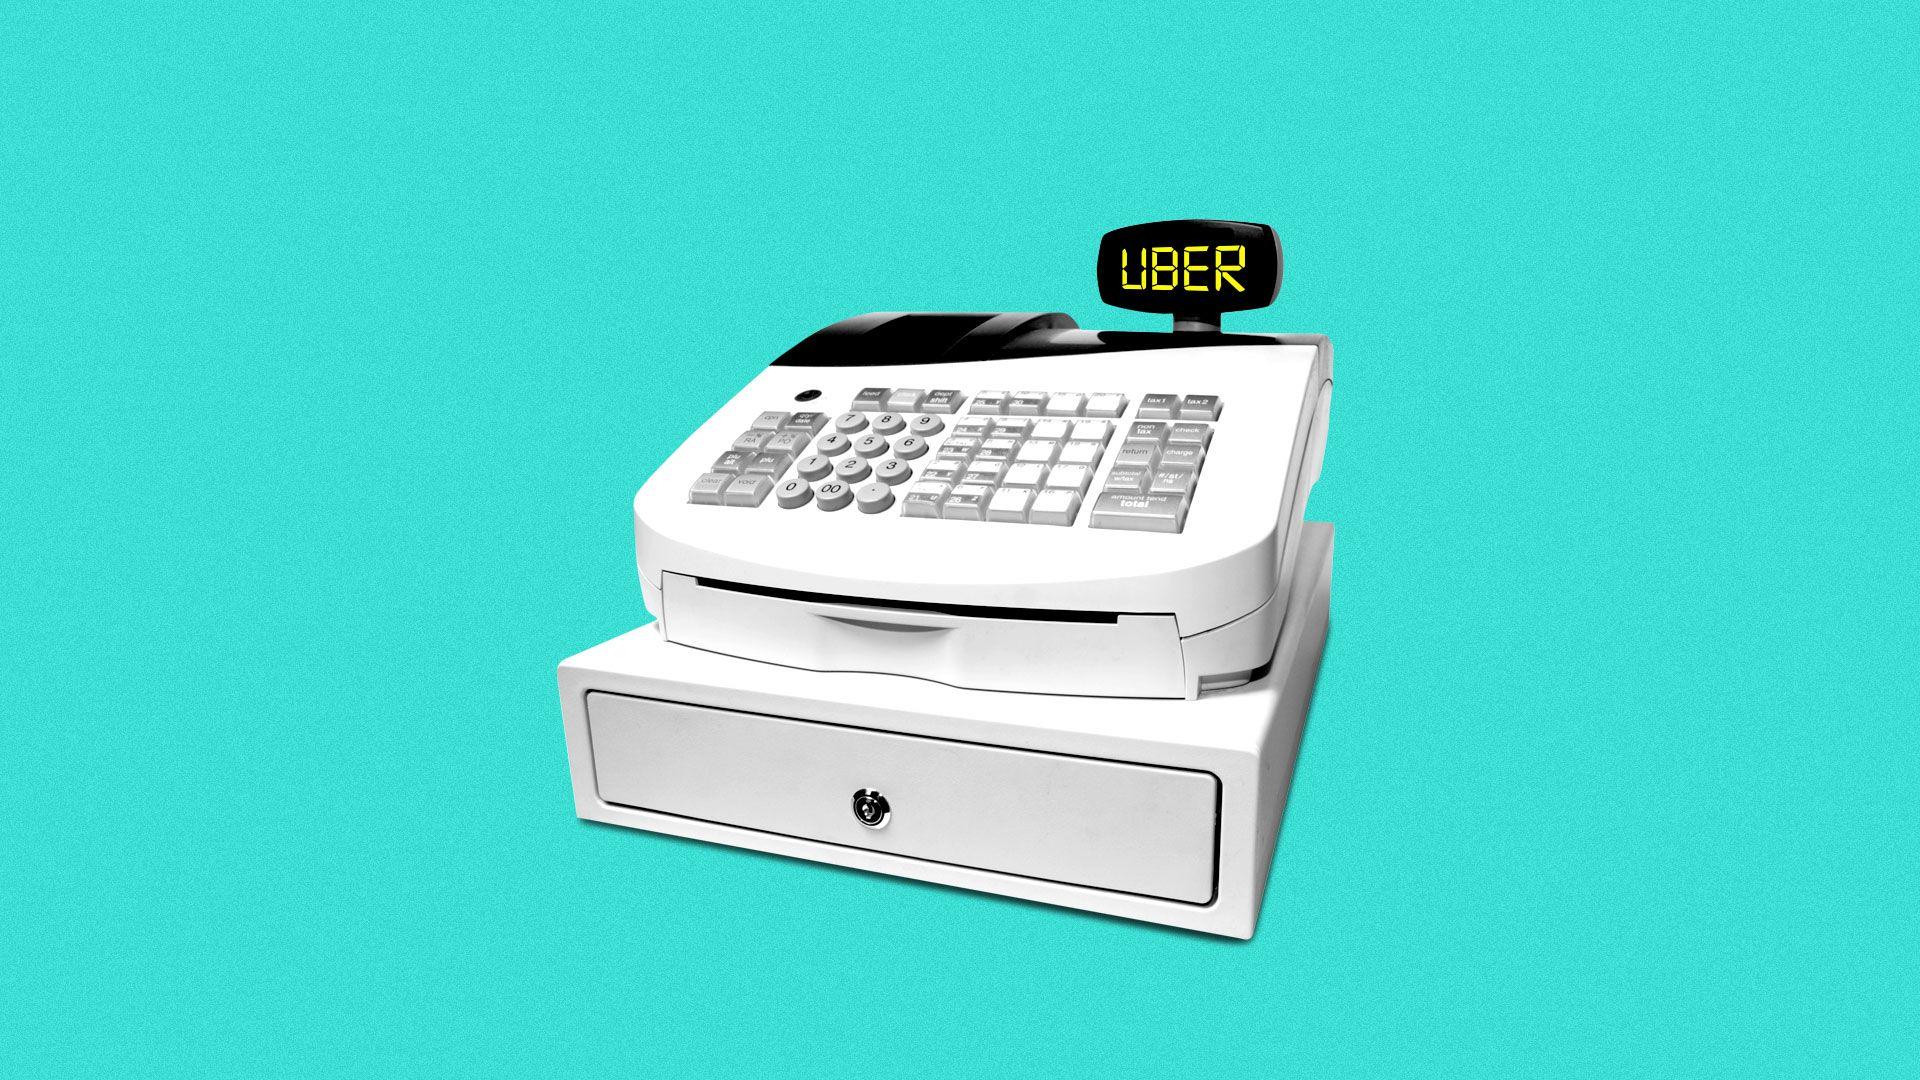 Illustration of a cash register ringing up UBER.